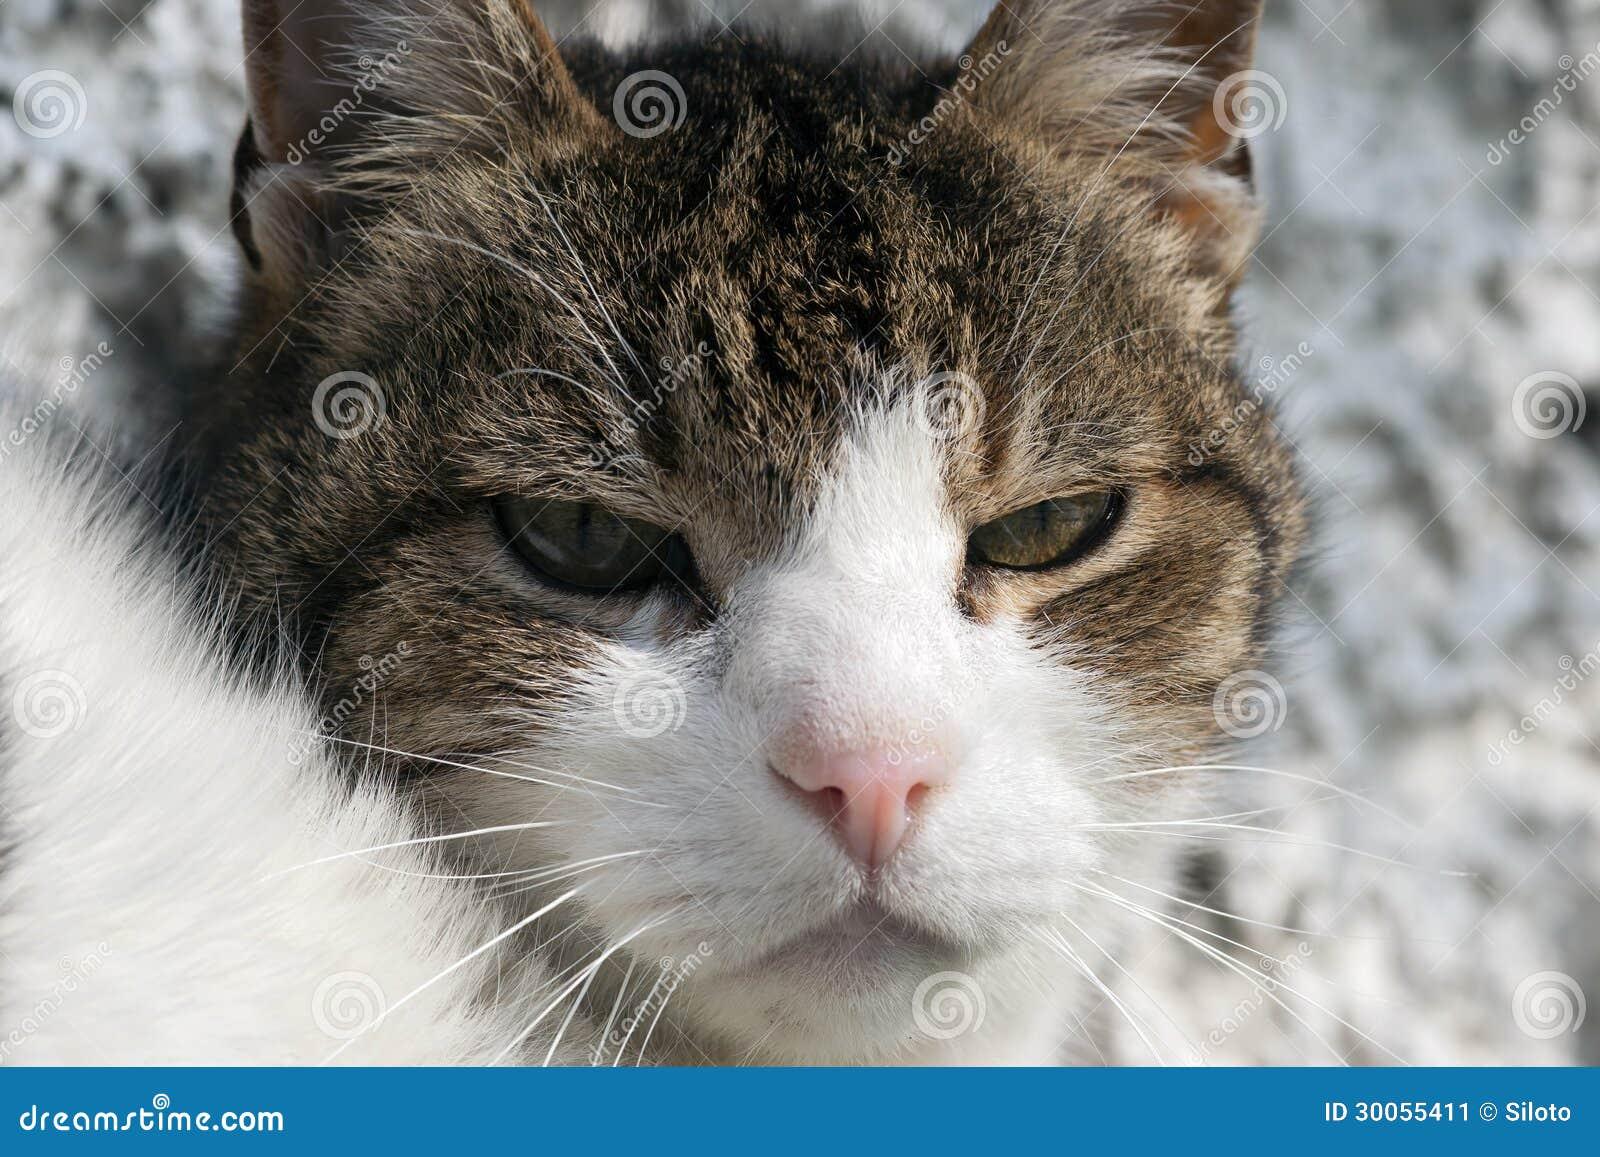 Gatto imbronciato immagine stock immagine di pets tomcat - Immagine del gatto a colori ...